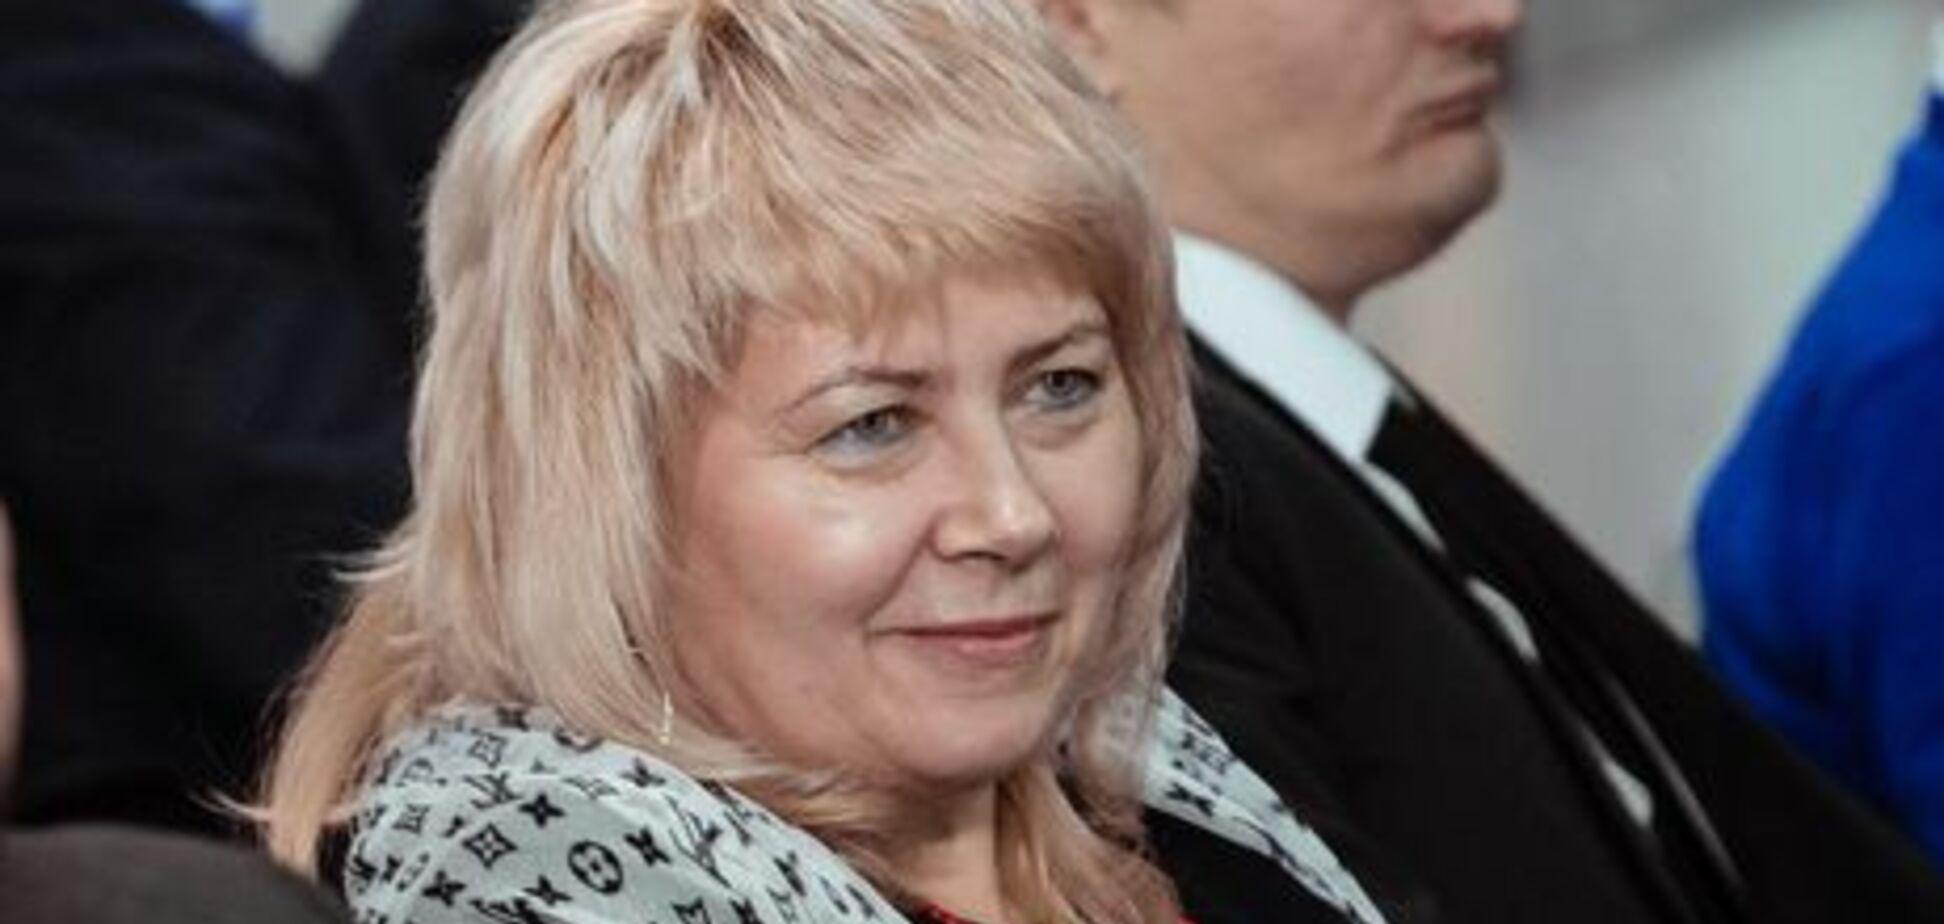 Били ногами: в России напали на адвоката, которая защищала украинцев